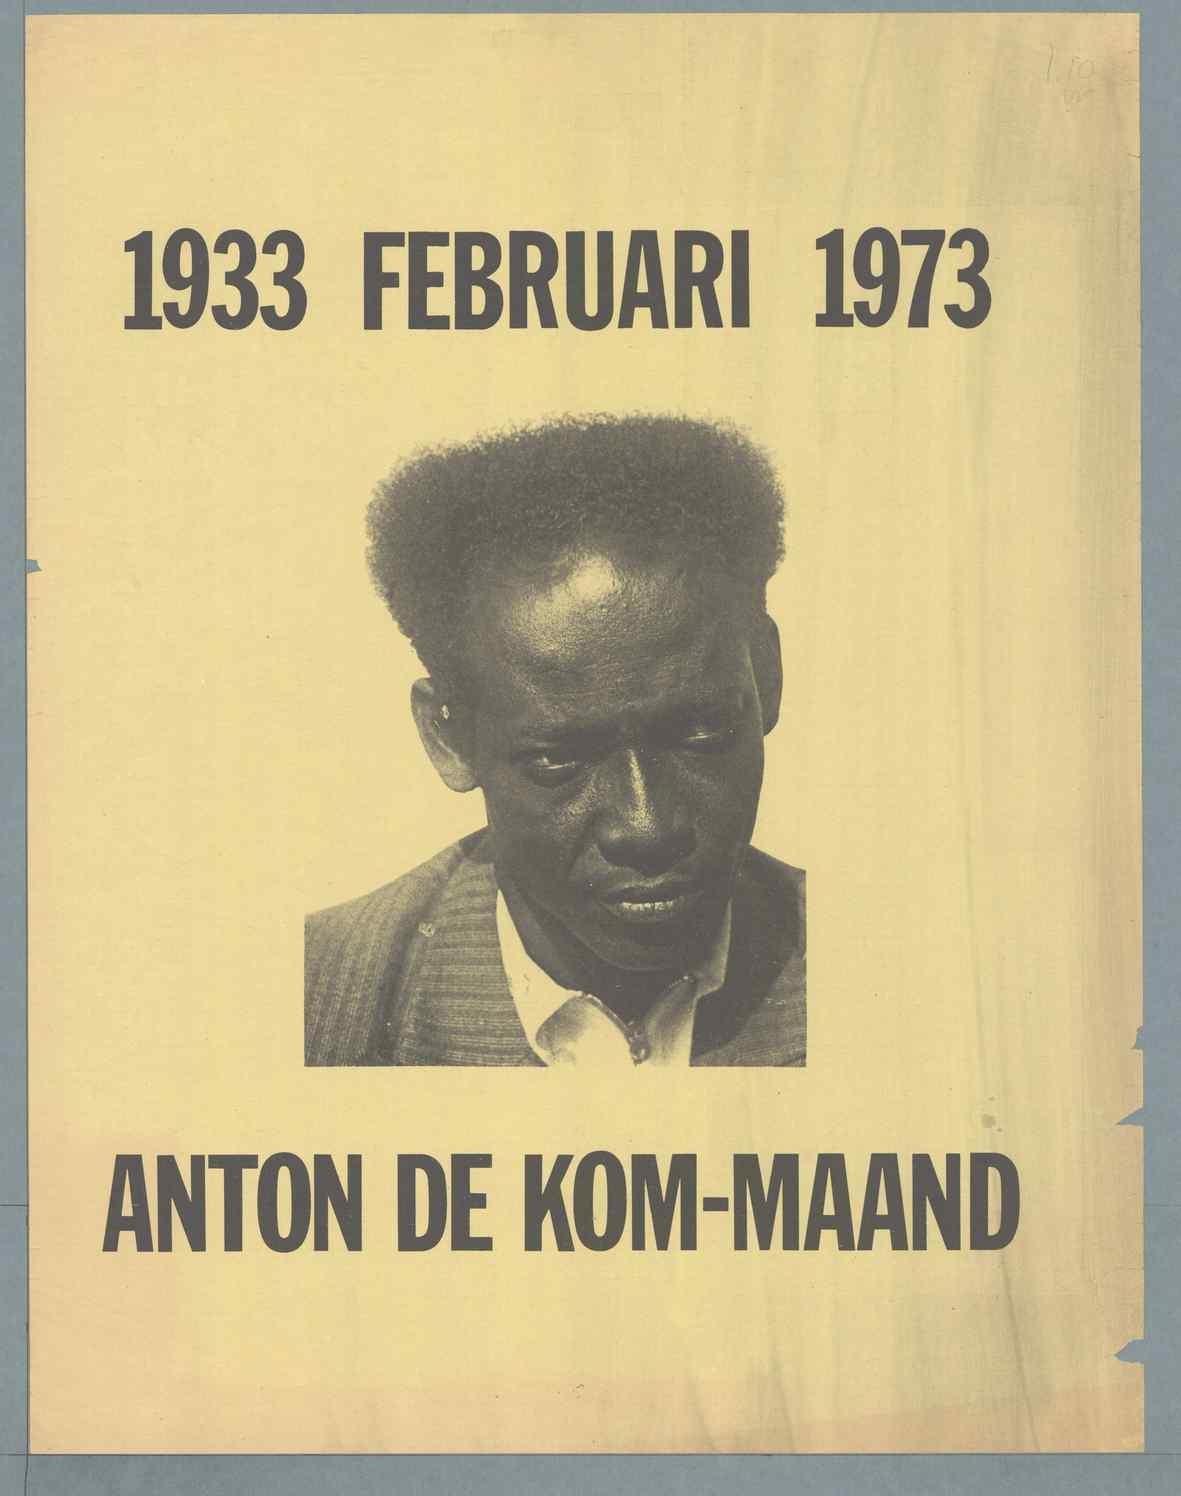 Anton de Kom maand